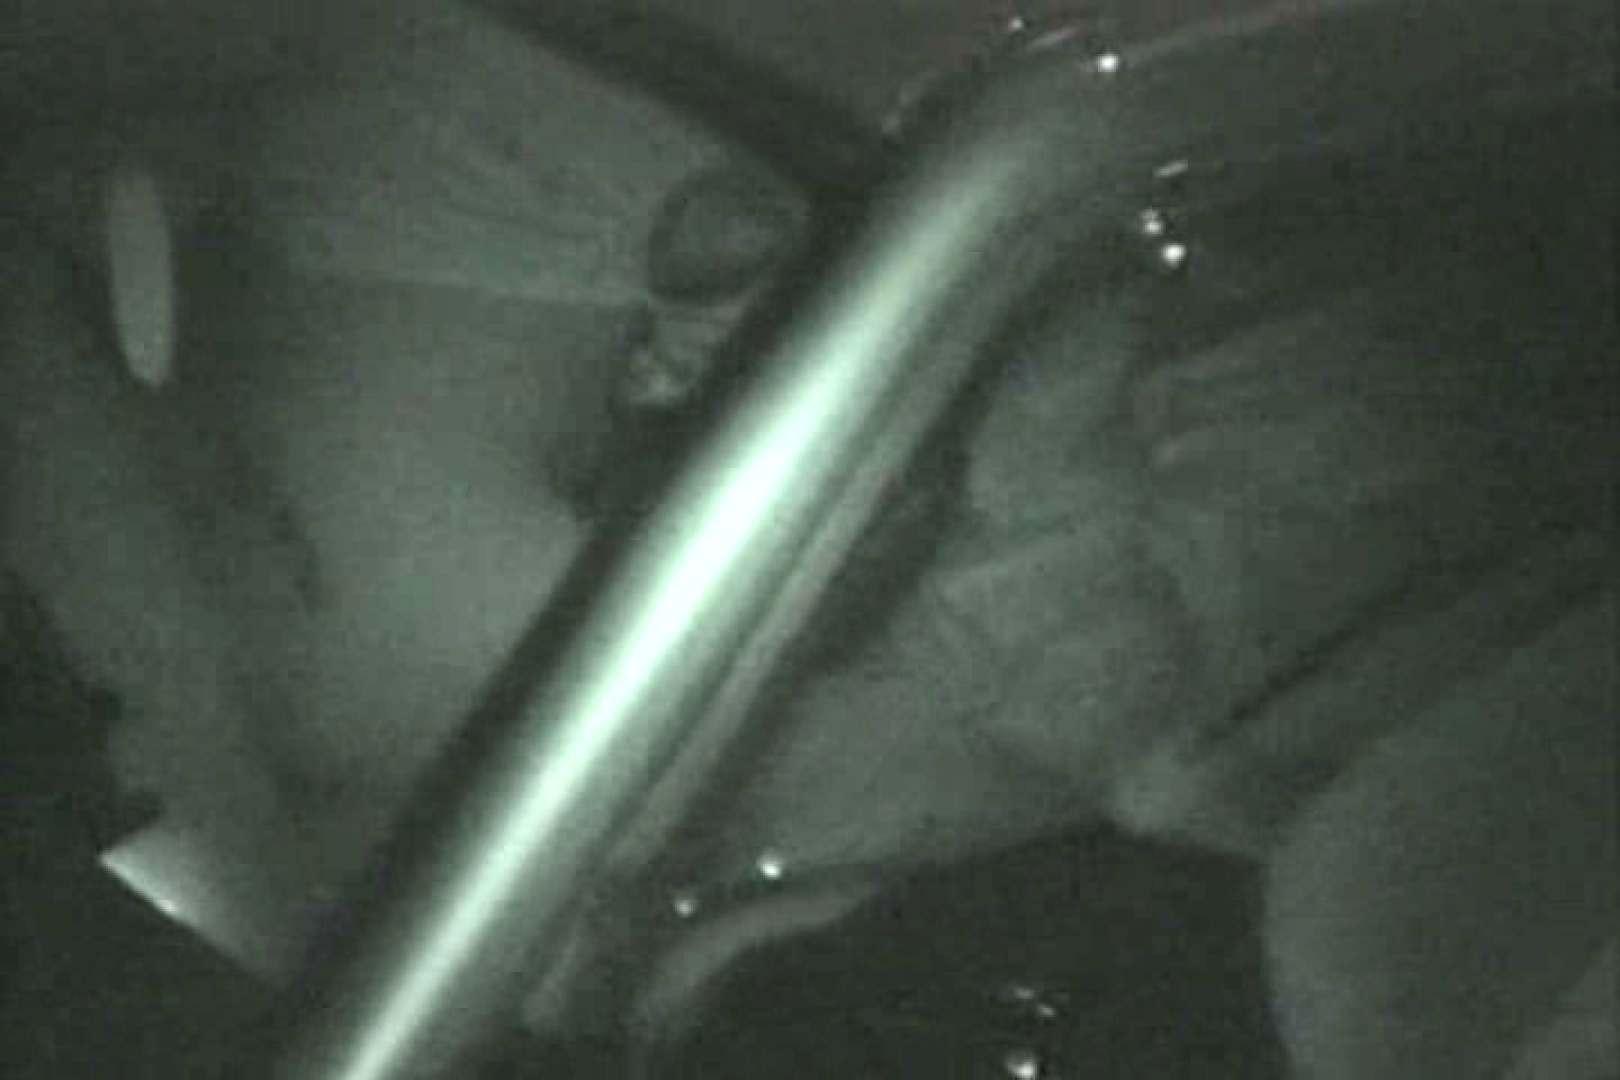 蔵出し!!赤外線カーセックスVol.11 美しいOLの裸体 ヌード画像 93pic 27